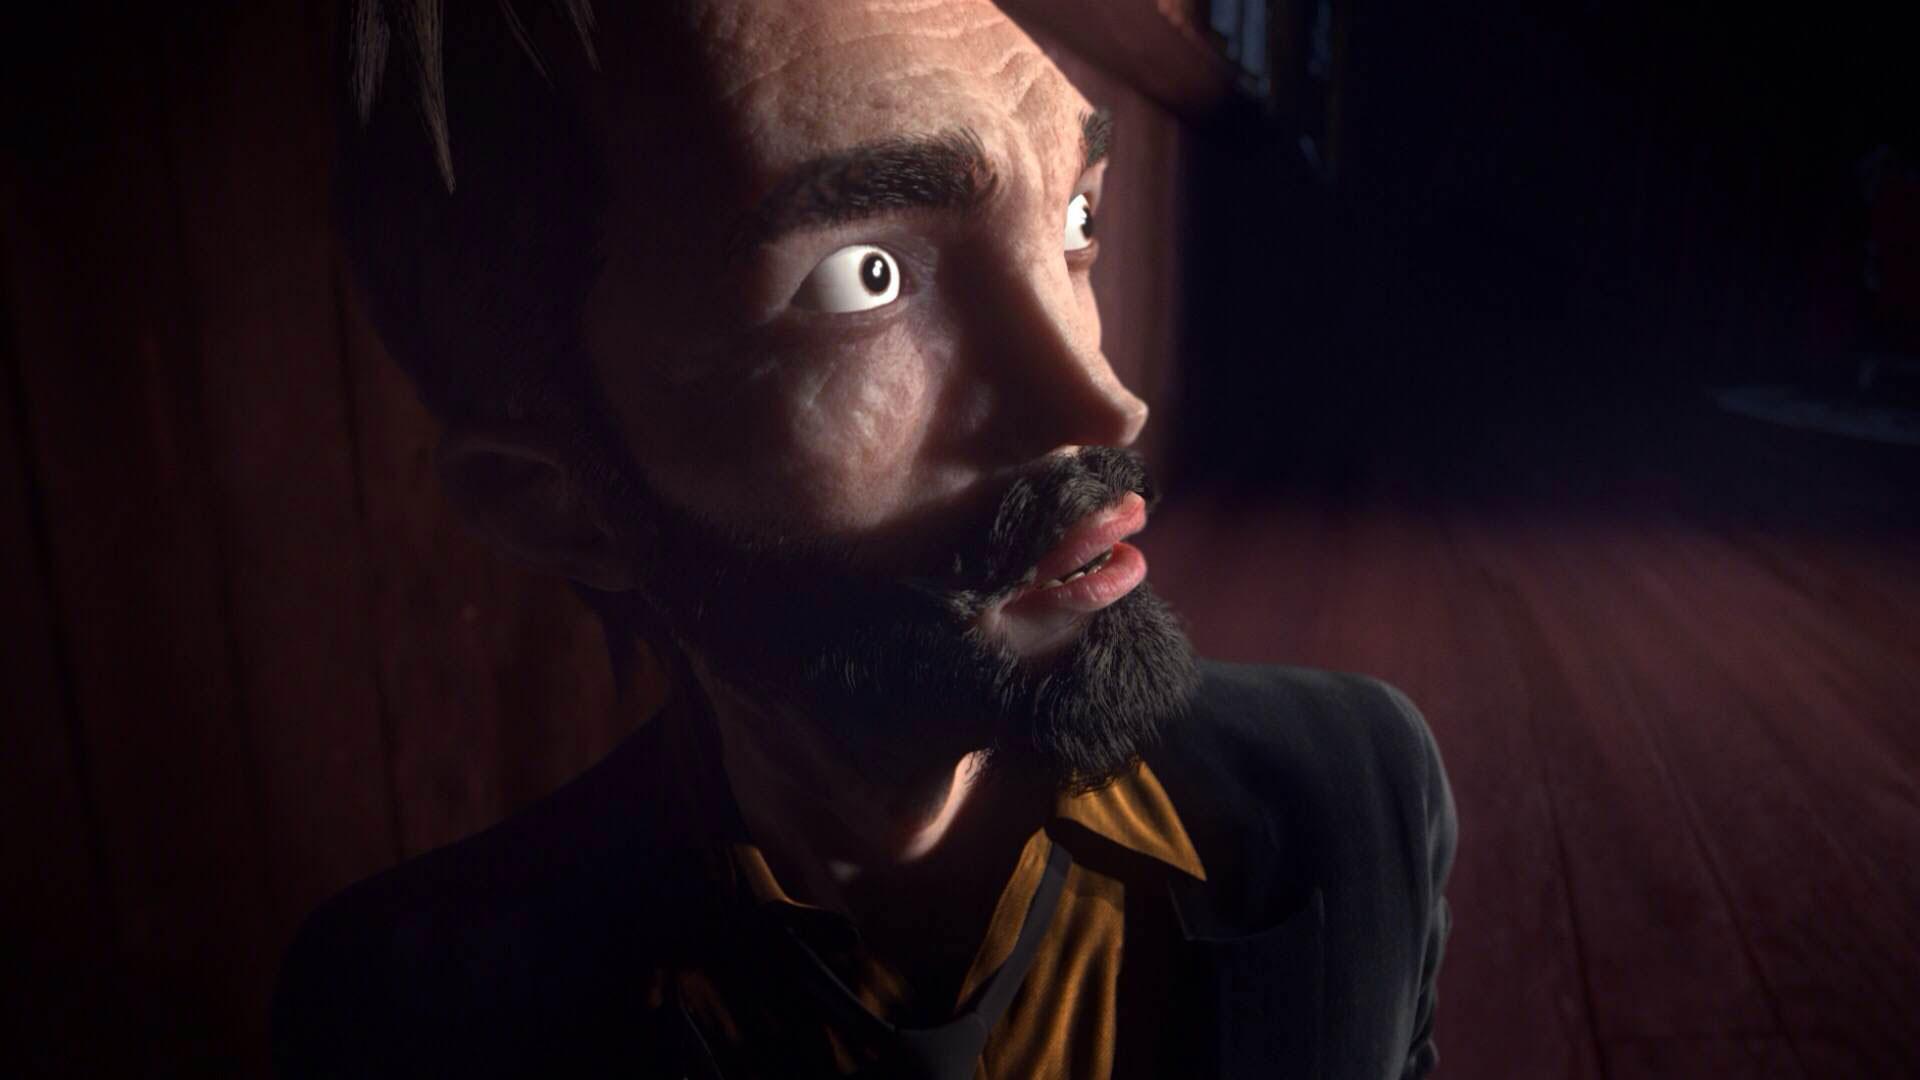 visually-stunning-animated-short-film-dark-noir